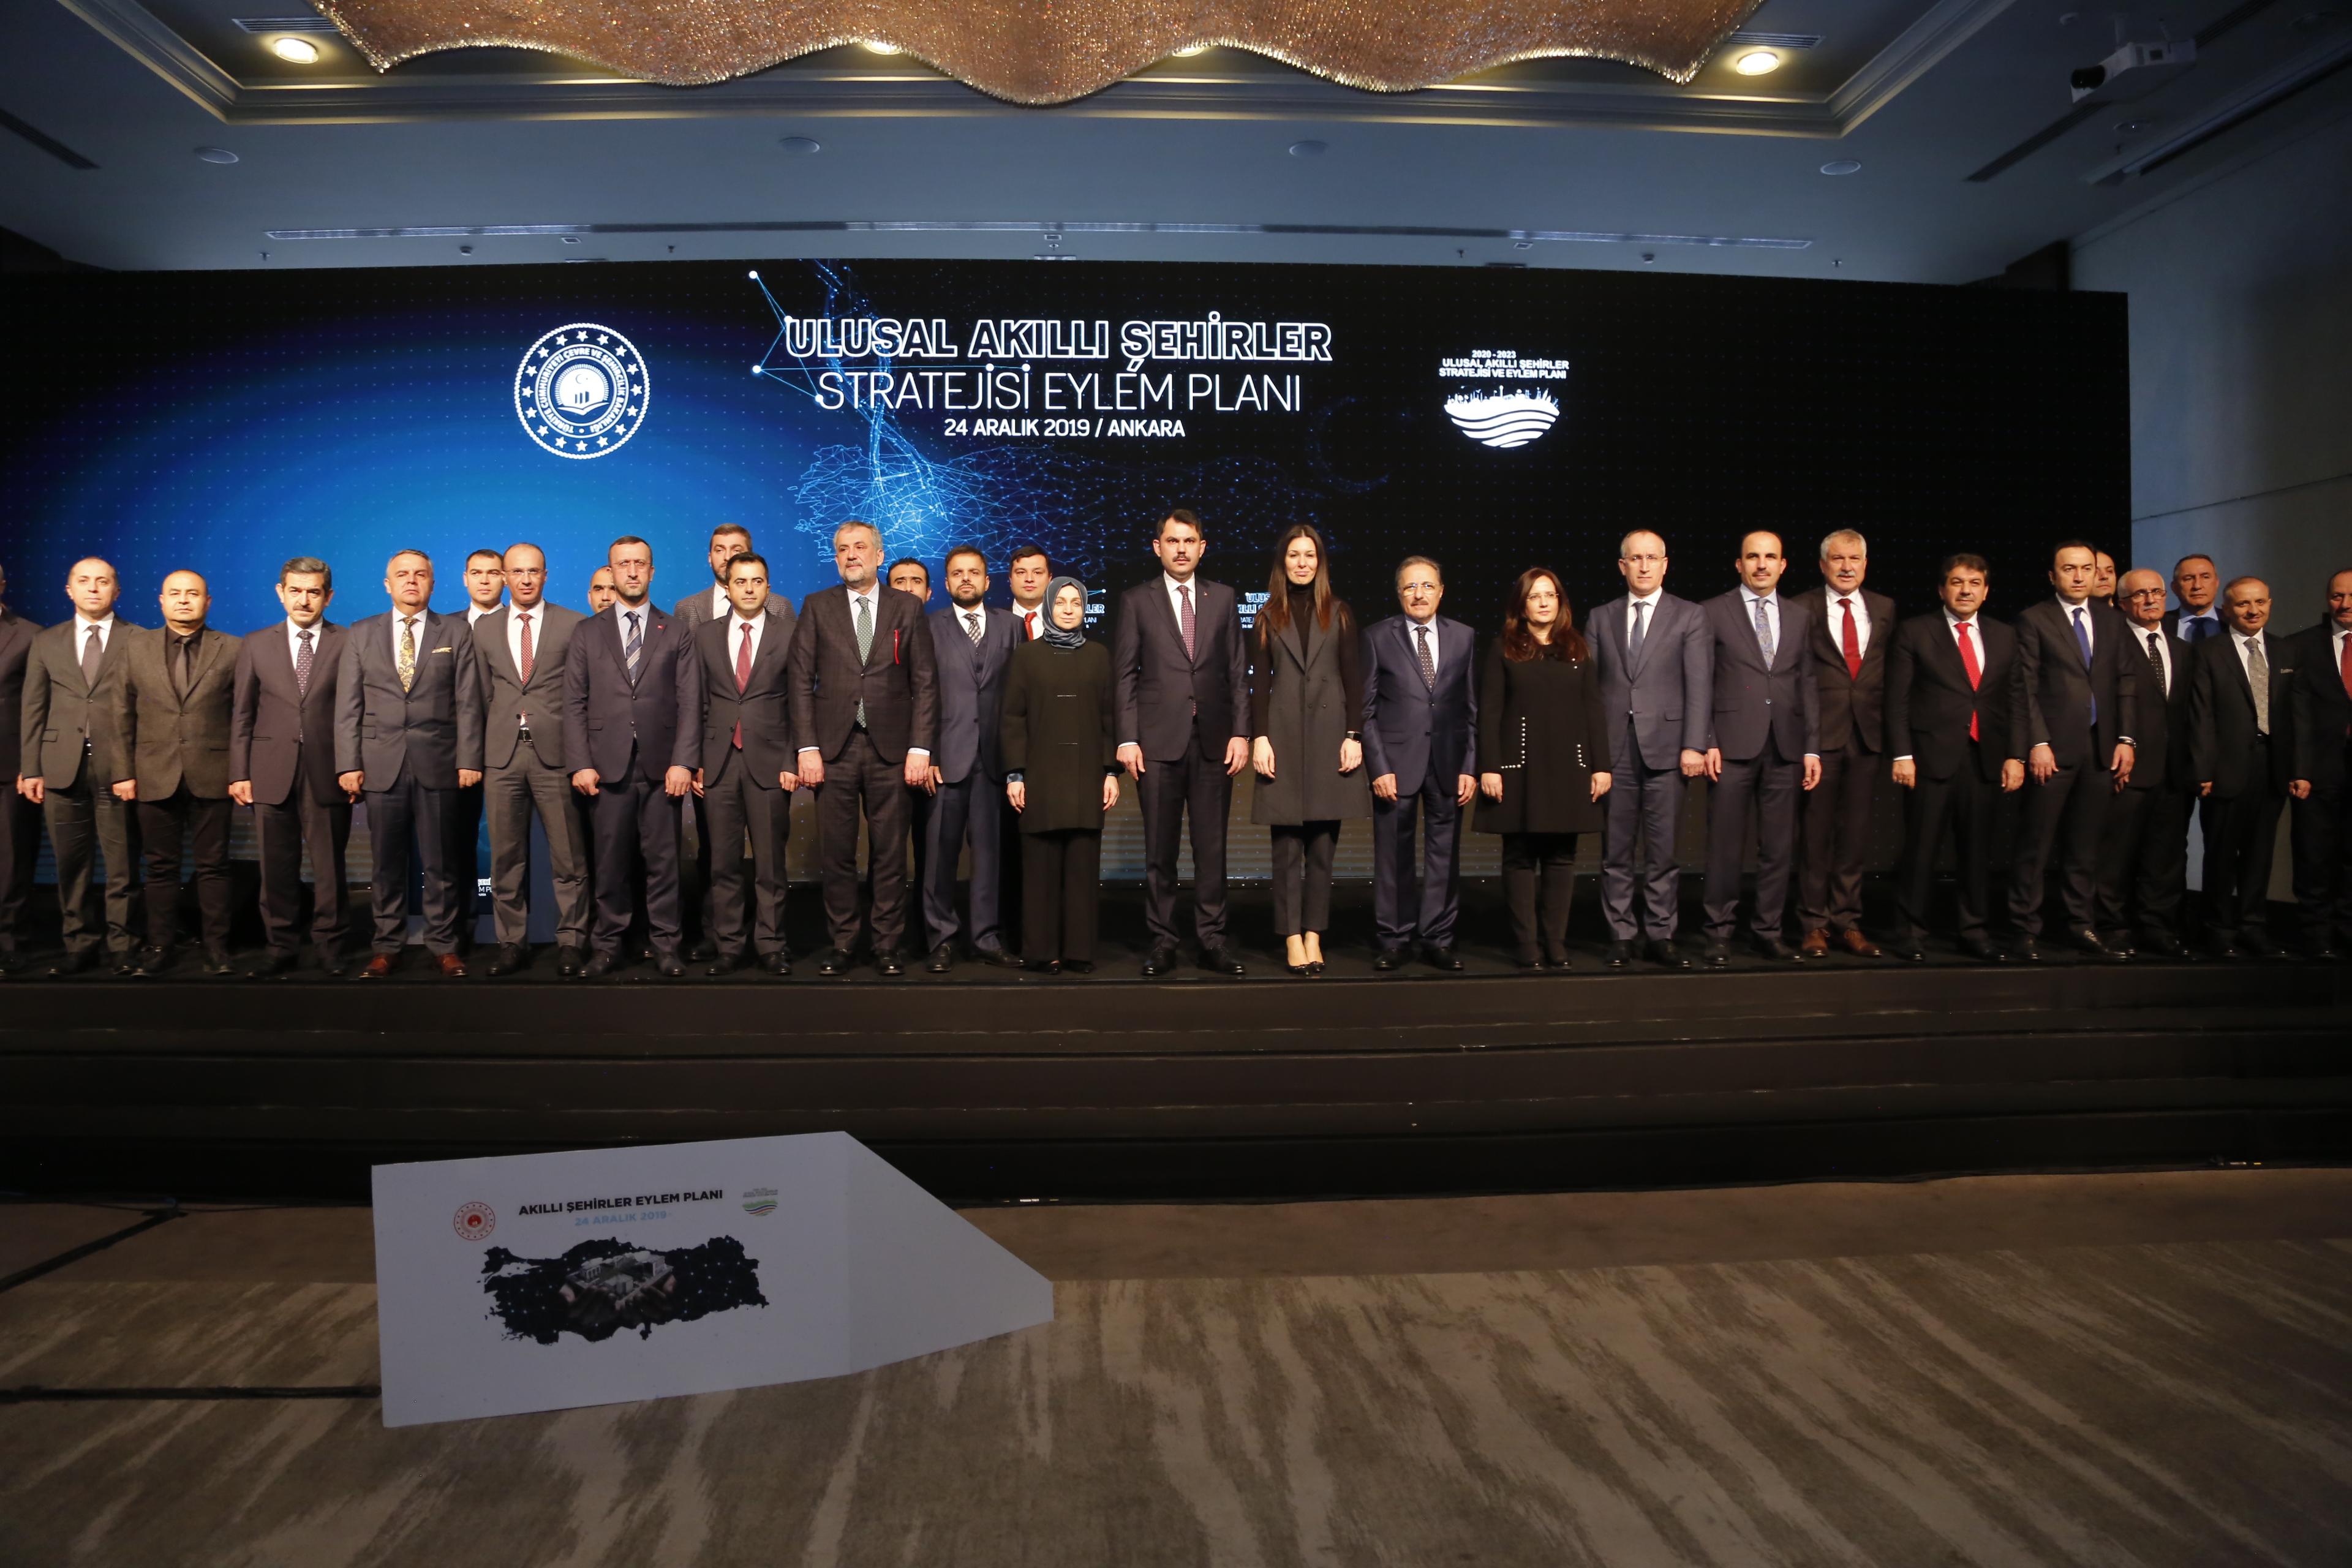 2020-2023 Ulusal Akıllı Şehirler Stratejisi ve Eylem Planının Tanıtımı Bakanımız Sayın Murat KURUM tarafından yapıldı.